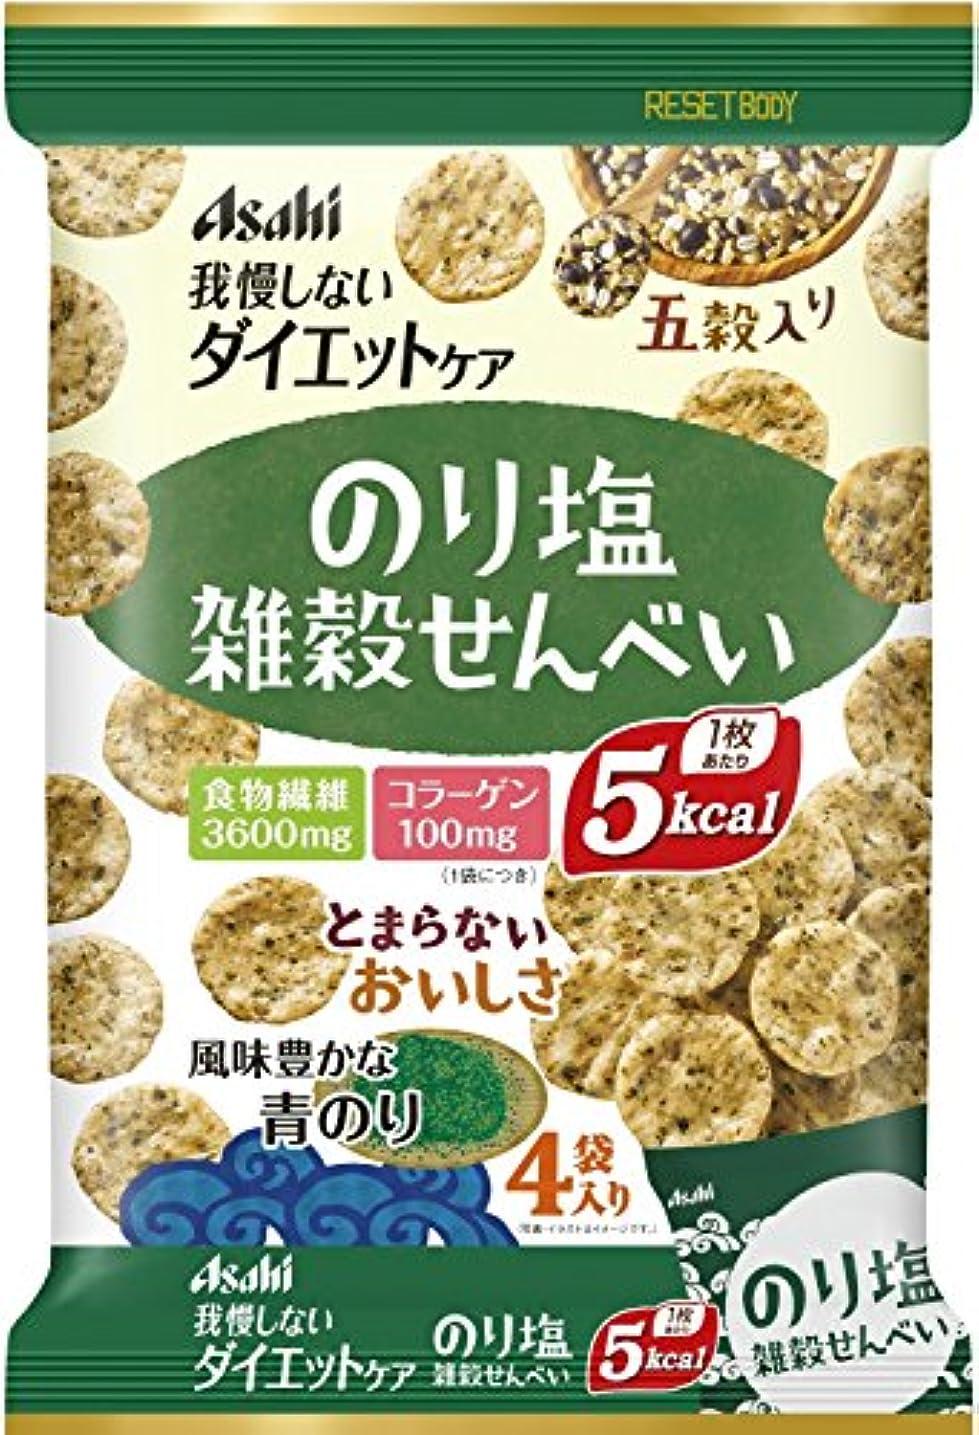 マスクデッド国家リセットボディ 雑穀せんべい のり塩味 88g(22g×4袋)